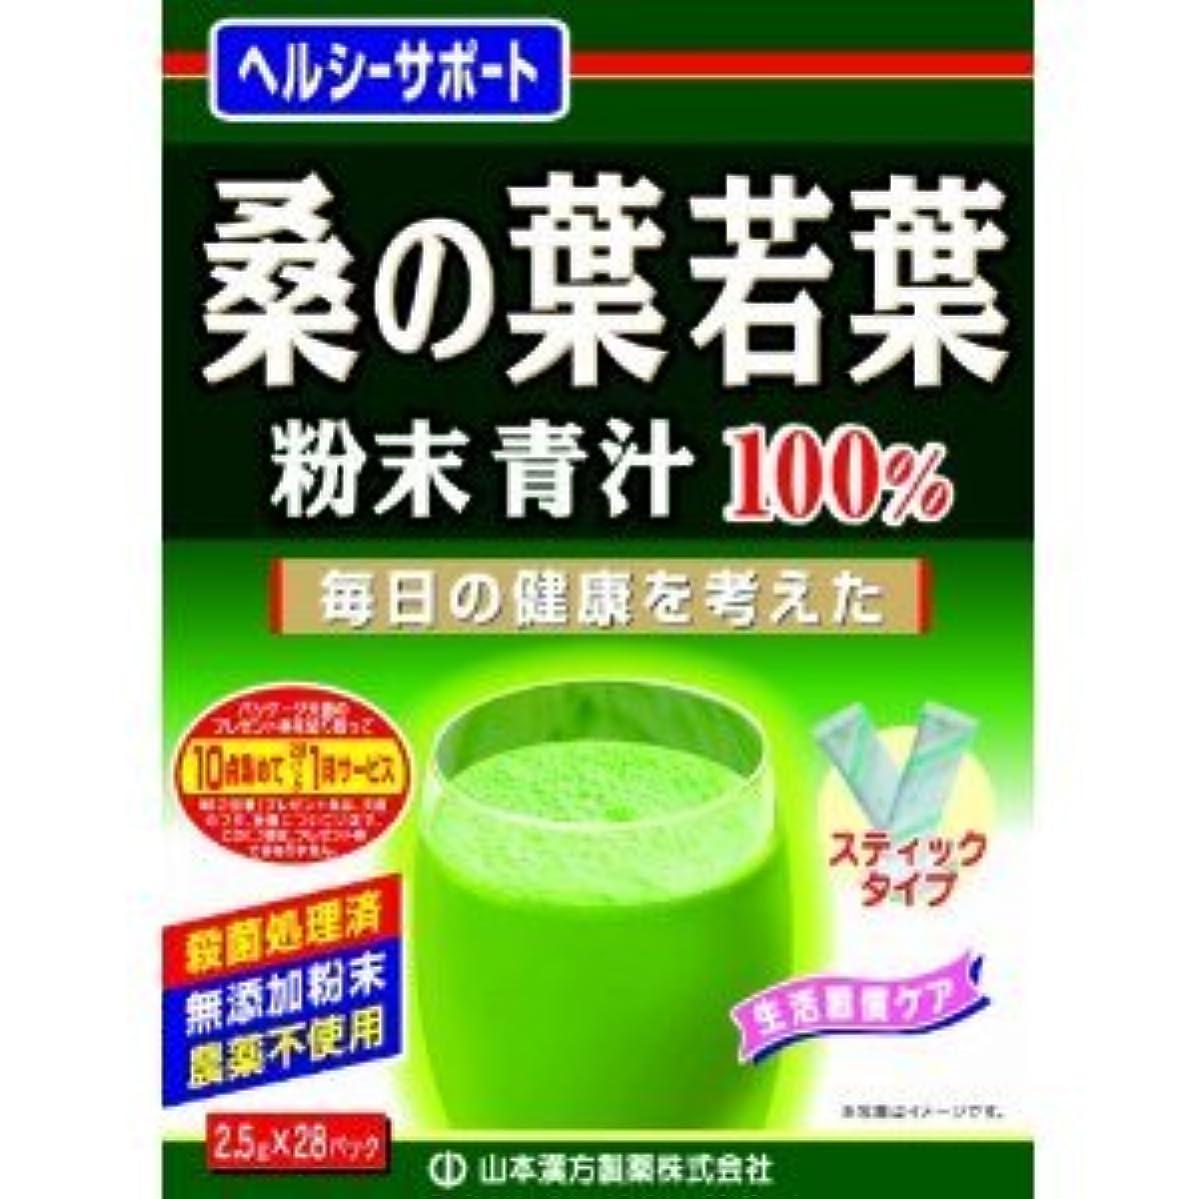 【山本漢方製薬】桑の葉粉末 スティックタイプ 2.5×28包 ×3個セット